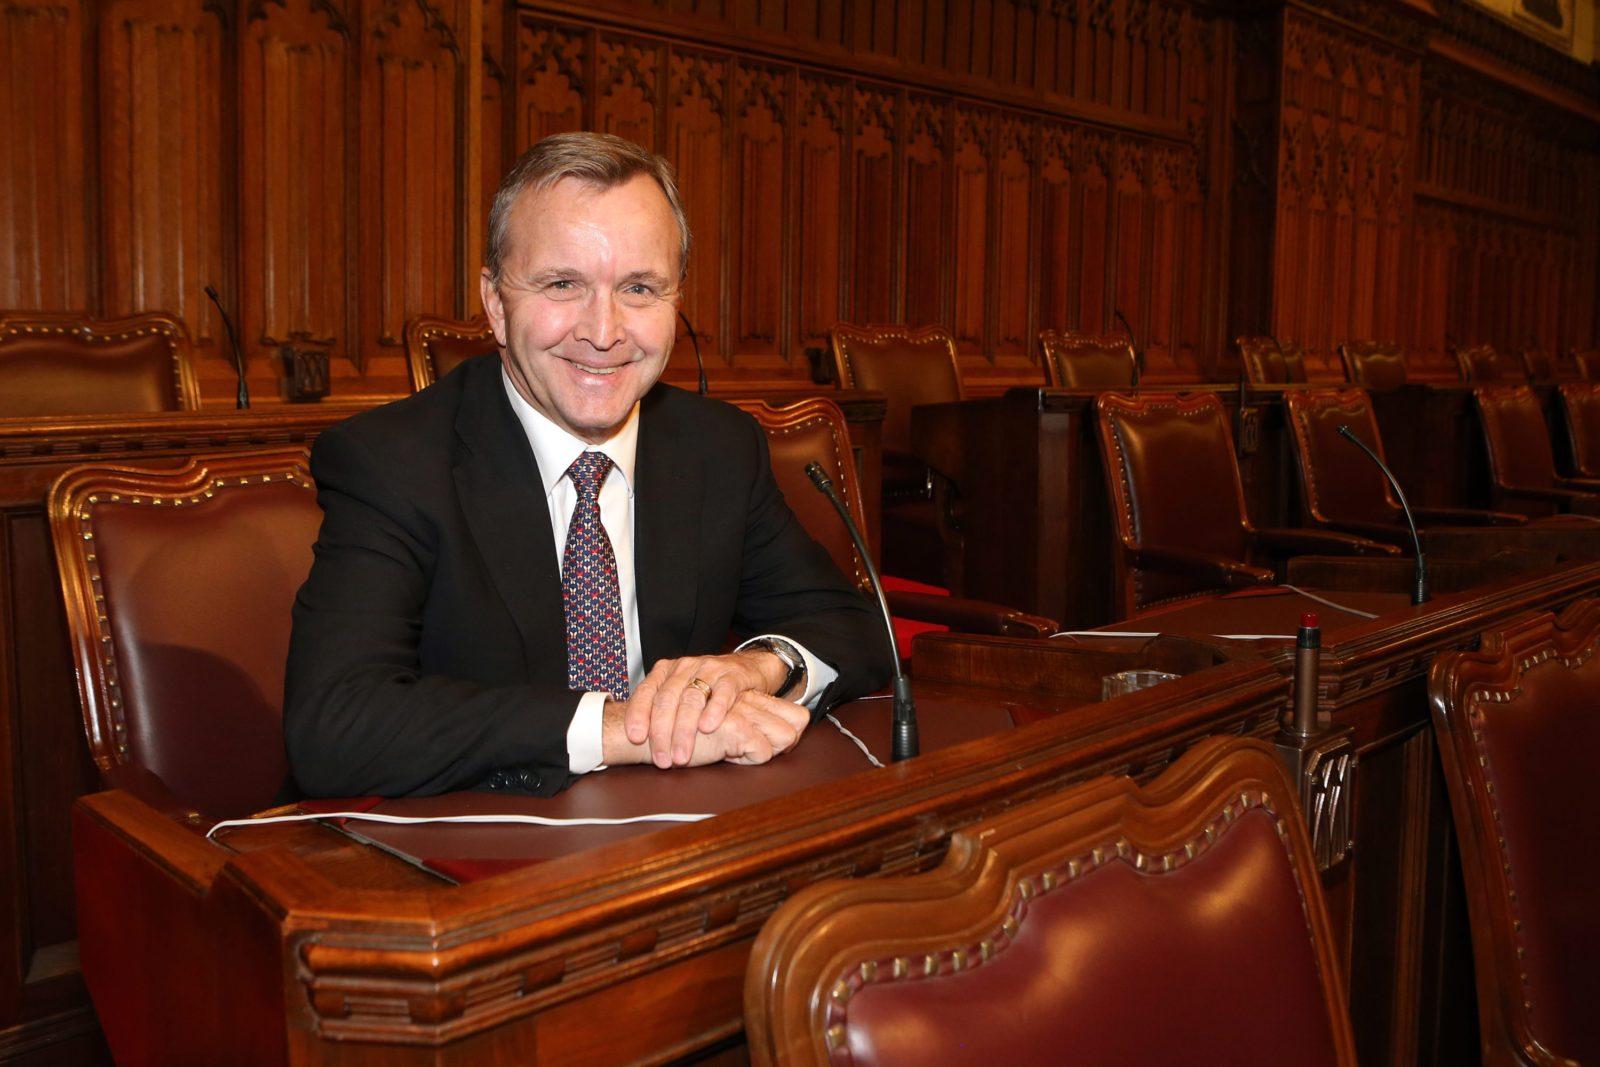 Sénateur Mitchell: La partisanerie peut nuire à notre bon jugement au Sénat